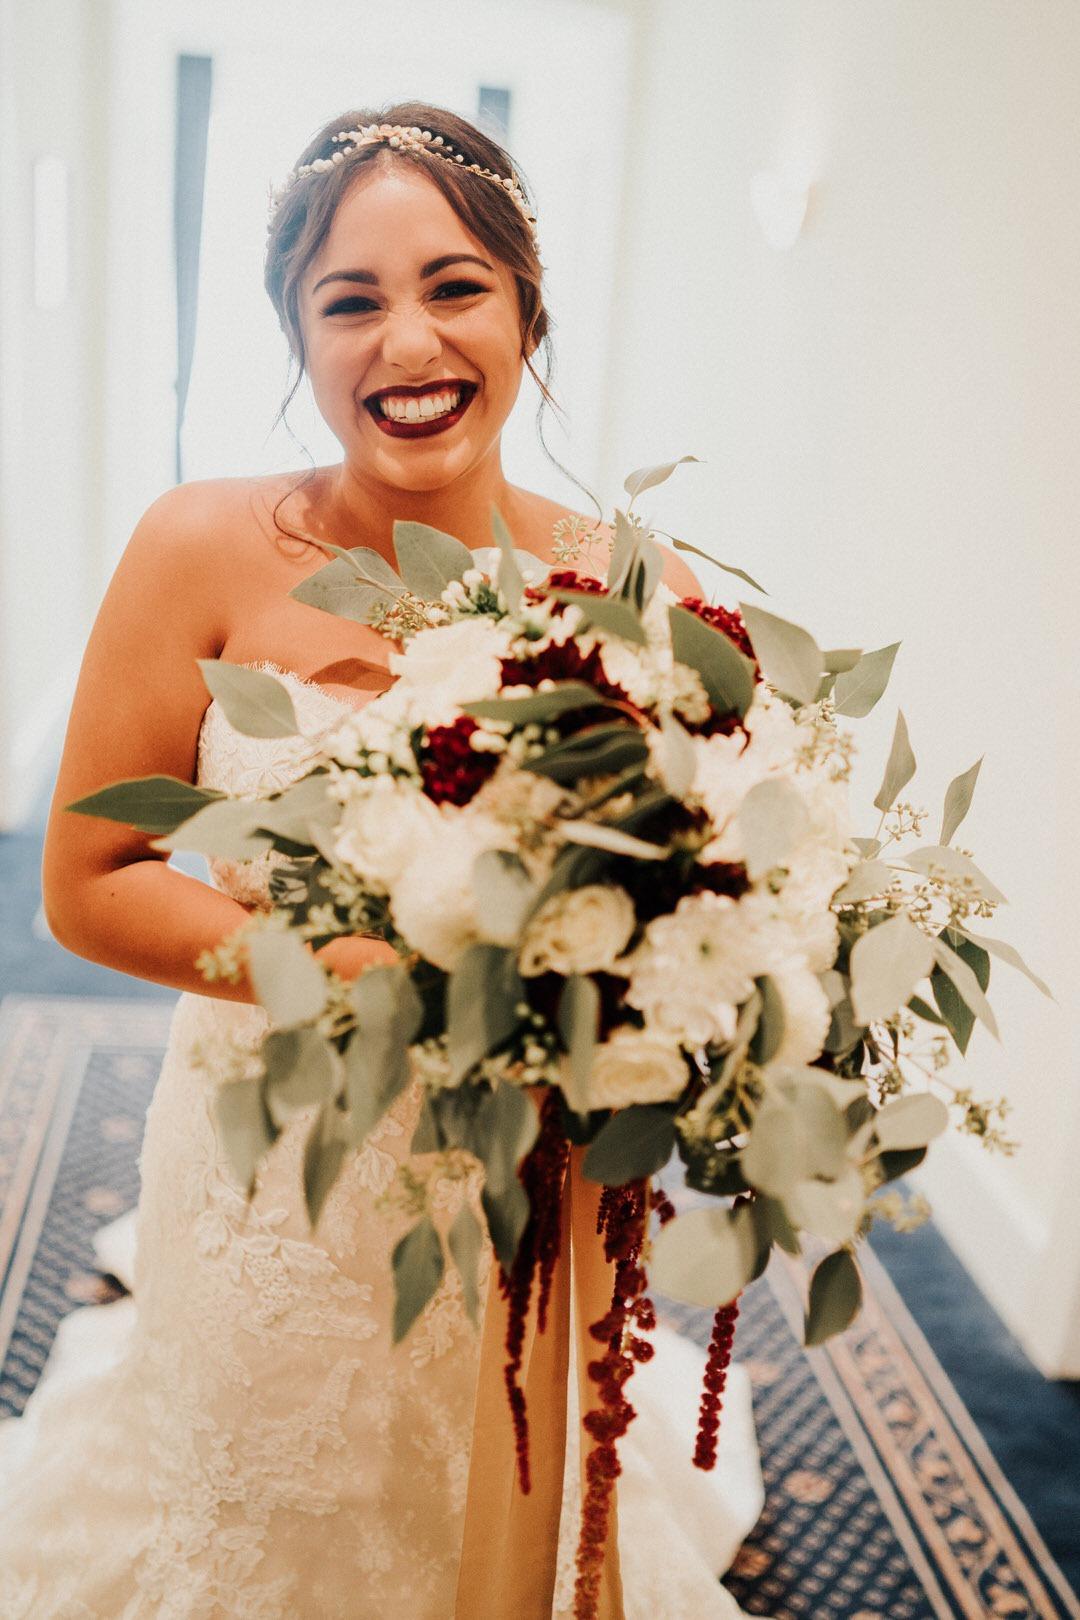 Candid Momente beim Getting Ready der Braut bei einer Boho-Hochzeit in Wiesbaden